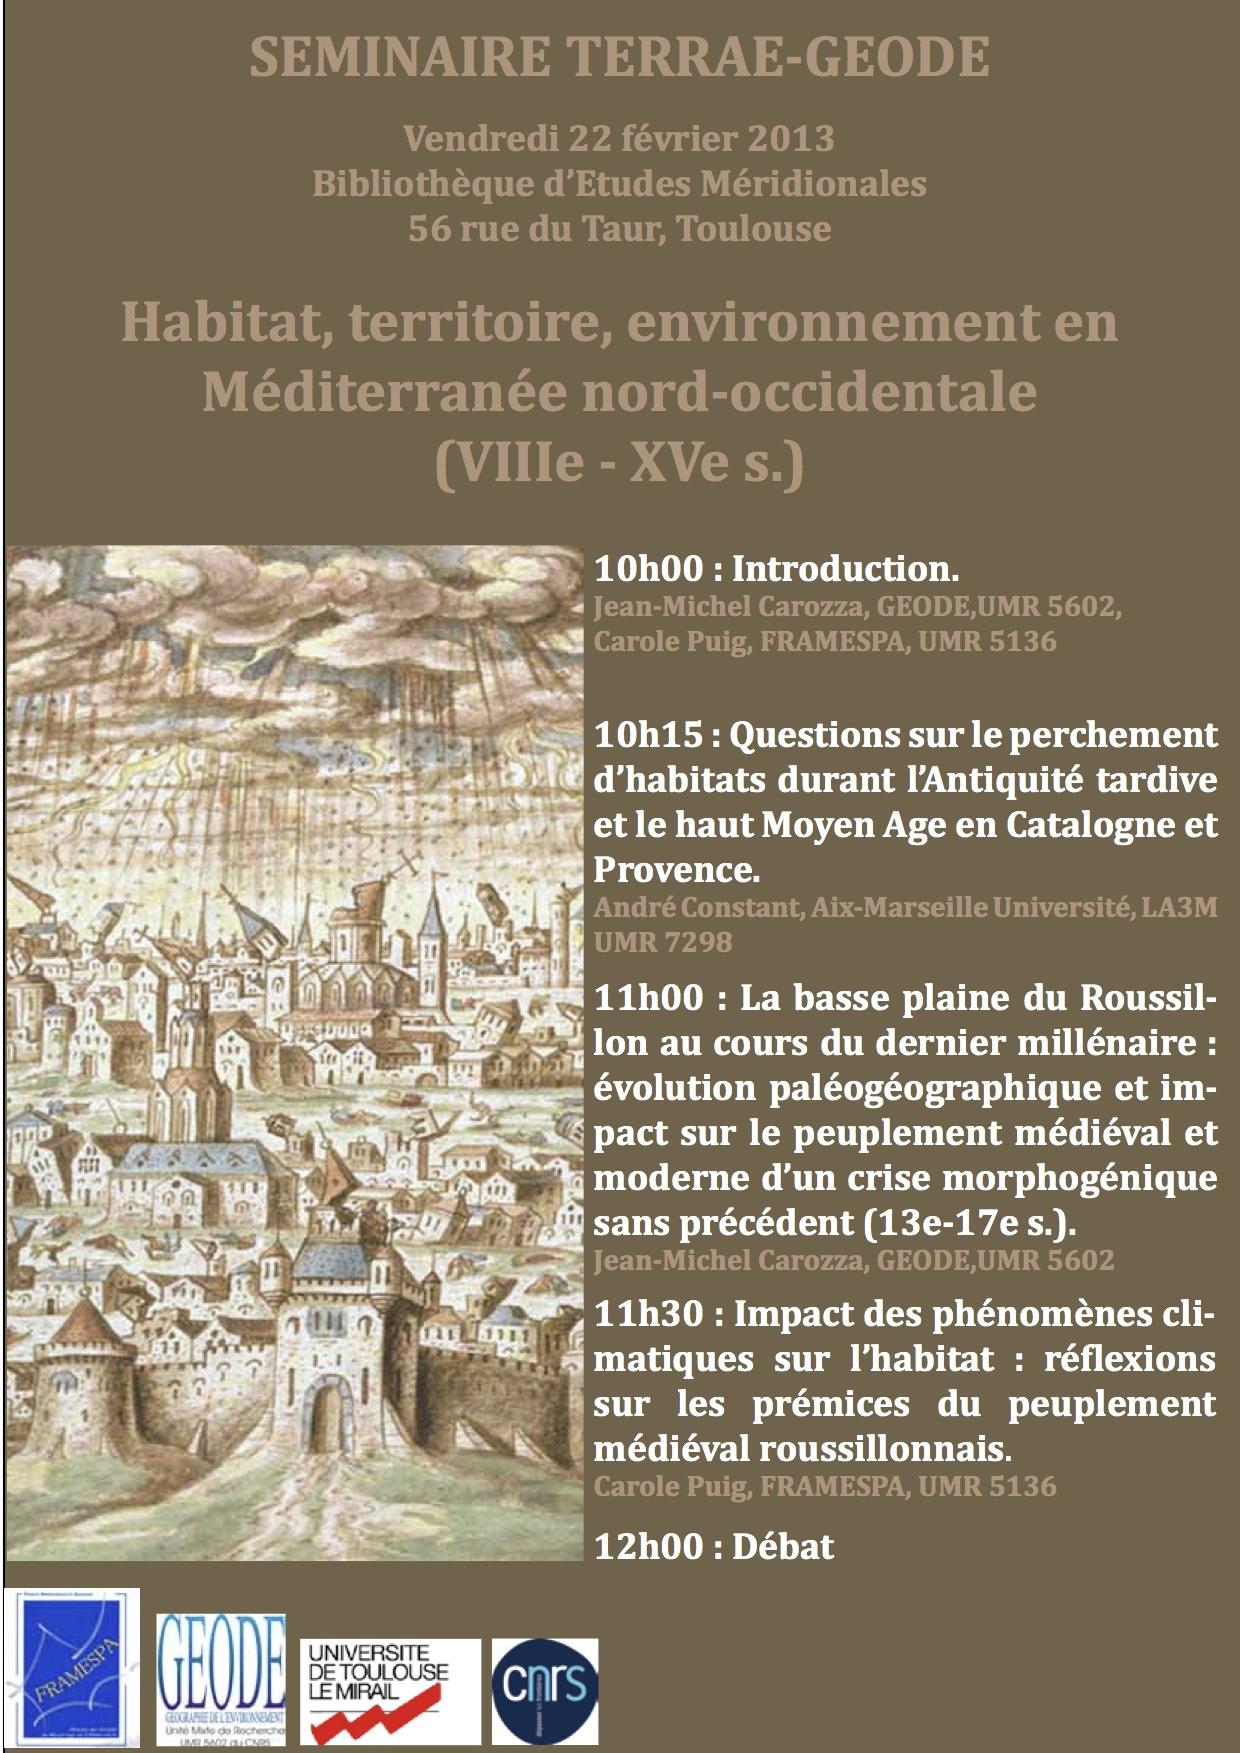 séminaire TERRAE-22-02-2013.jpg